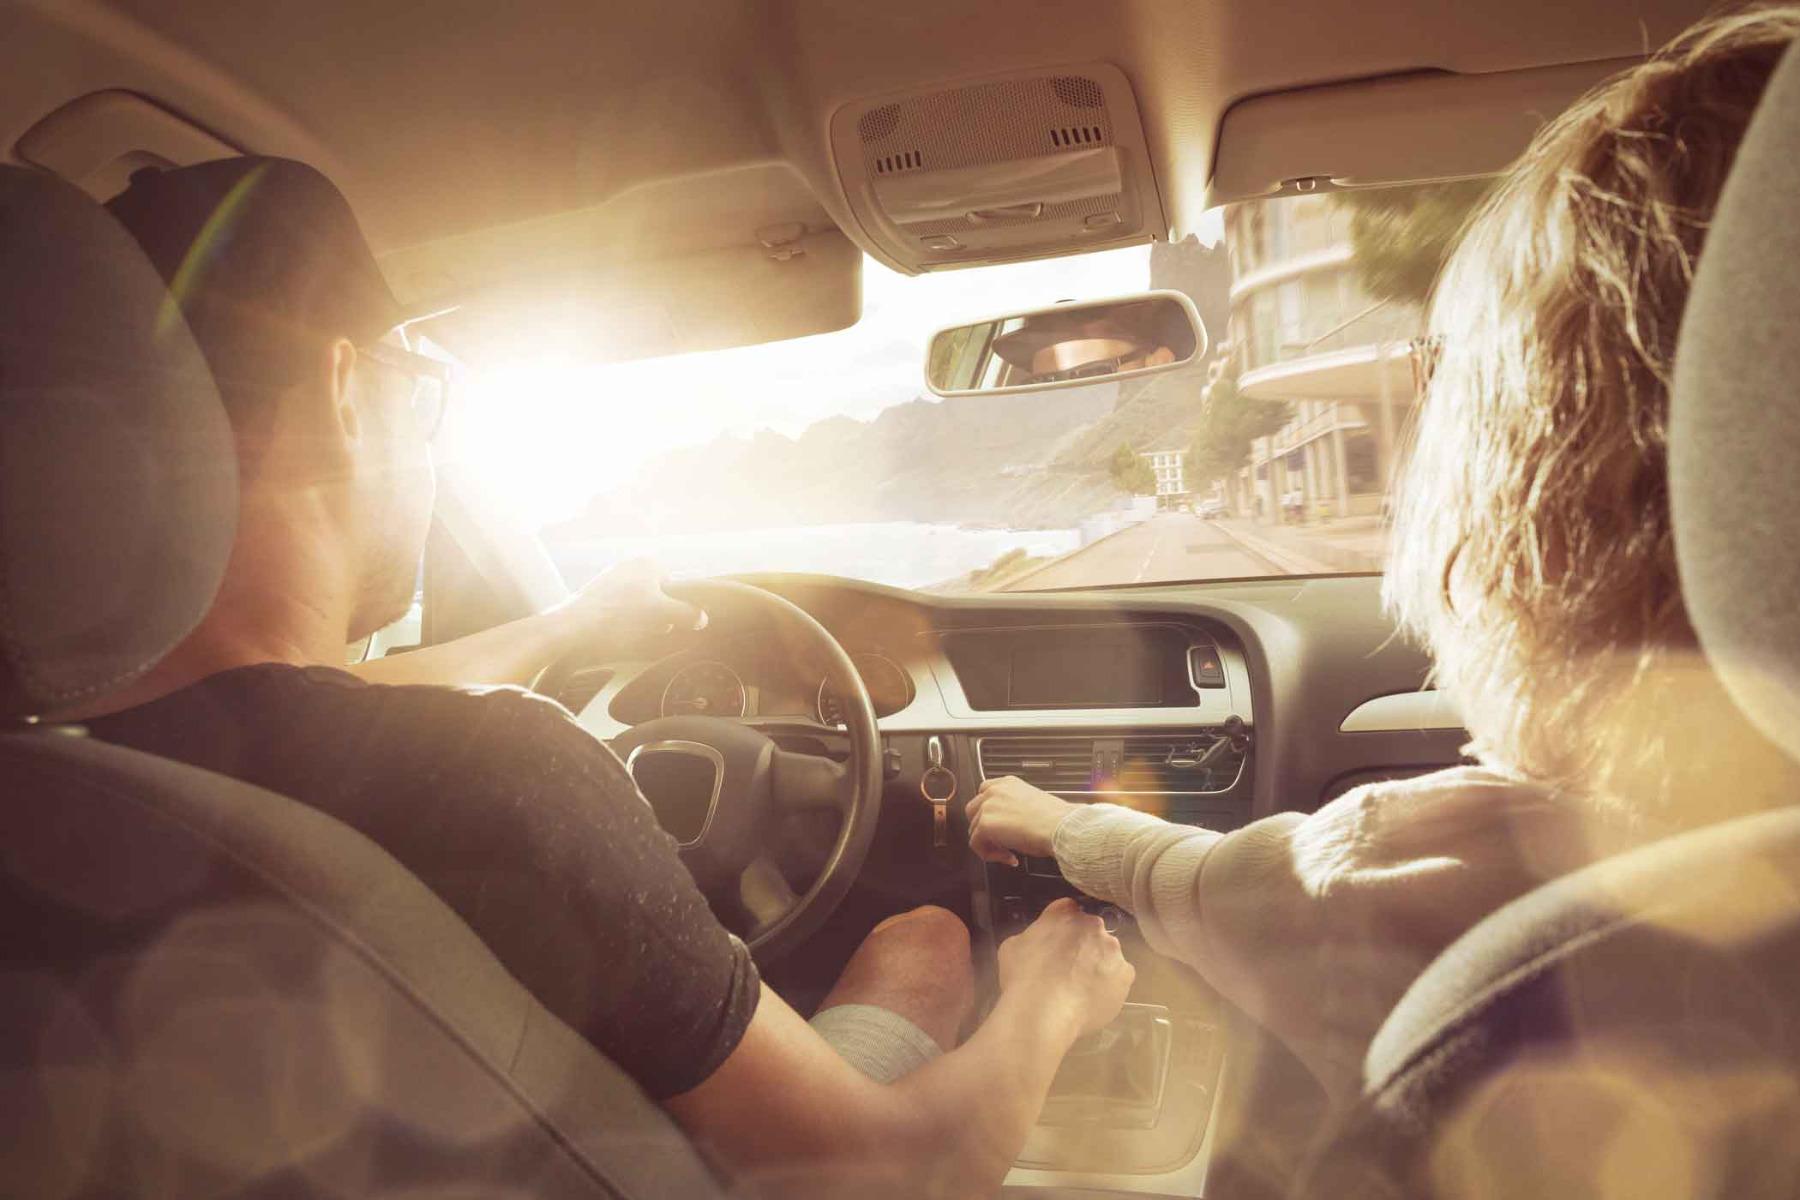 Traumwagen gesucht? Im Auto-Abo bei ViveLaCar fährst Du Deinen Traumwagen.